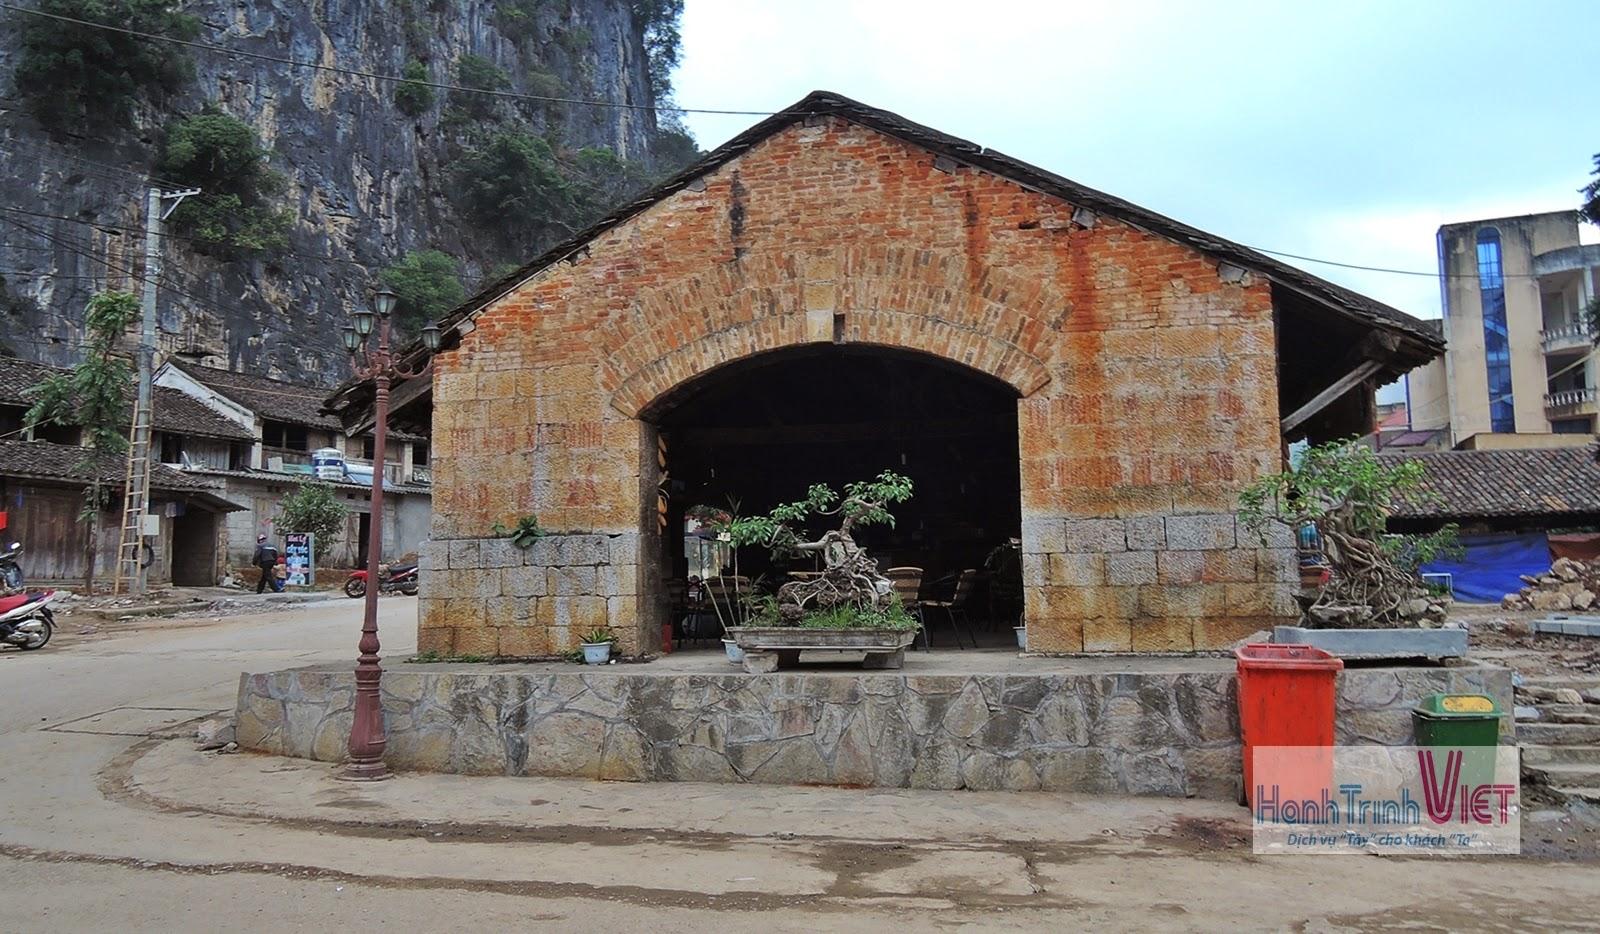 Dạo một vòng quanh thị trấn Đồng Văn